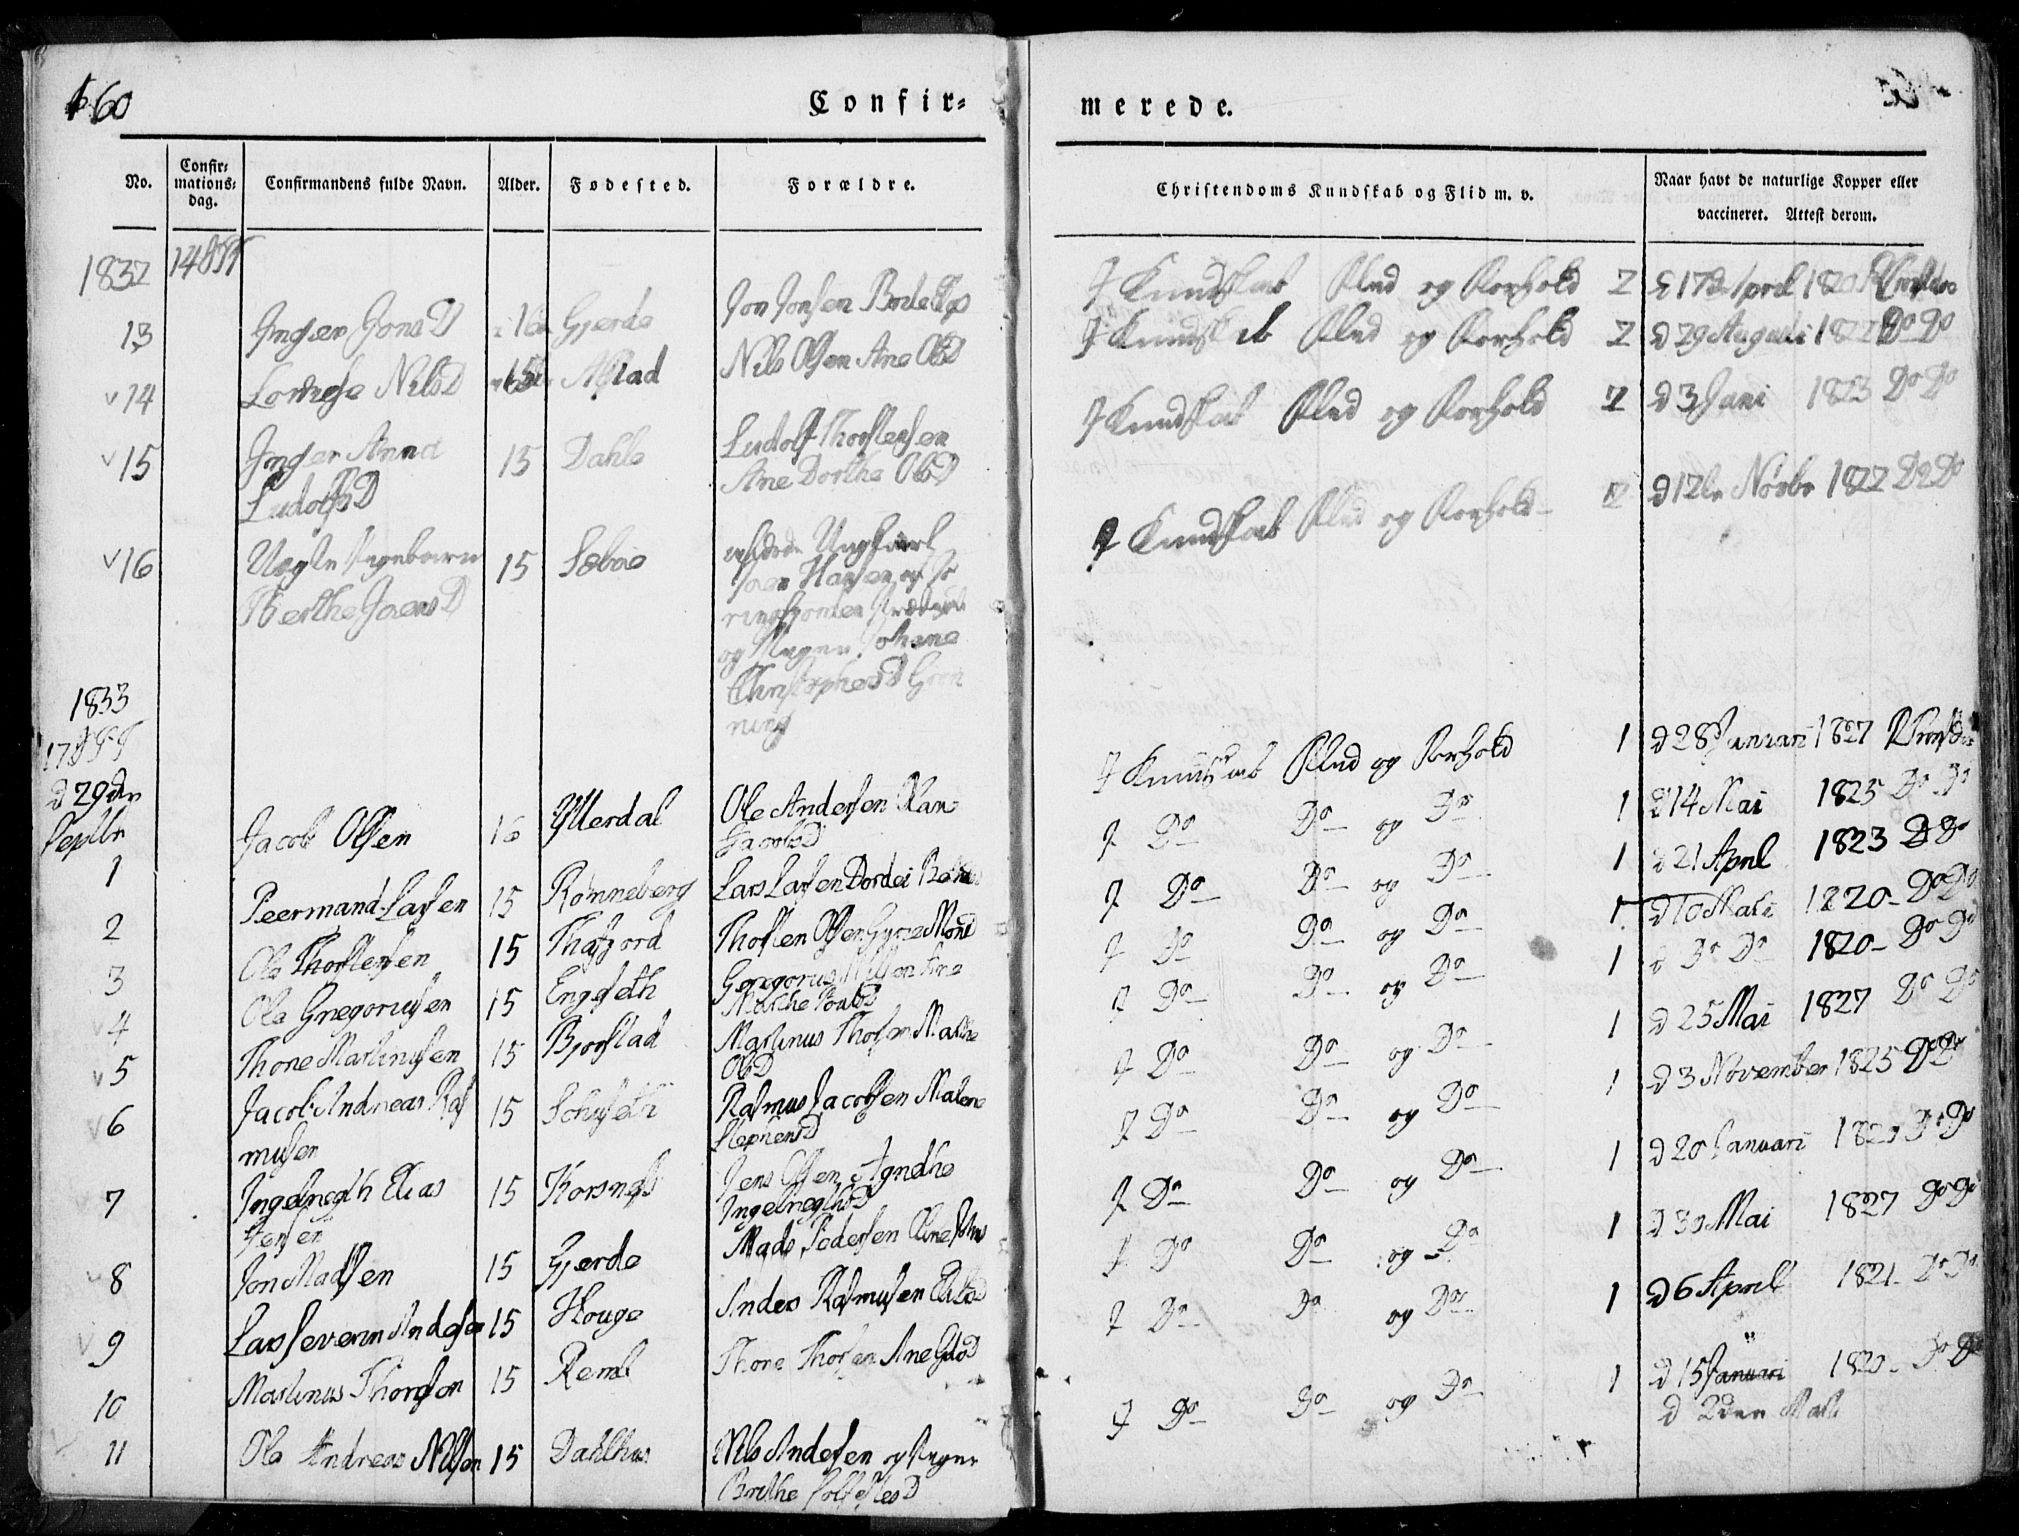 SAT, Ministerialprotokoller, klokkerbøker og fødselsregistre - Møre og Romsdal, 519/L0248: Ministerialbok nr. 519A07, 1829-1860, s. 160